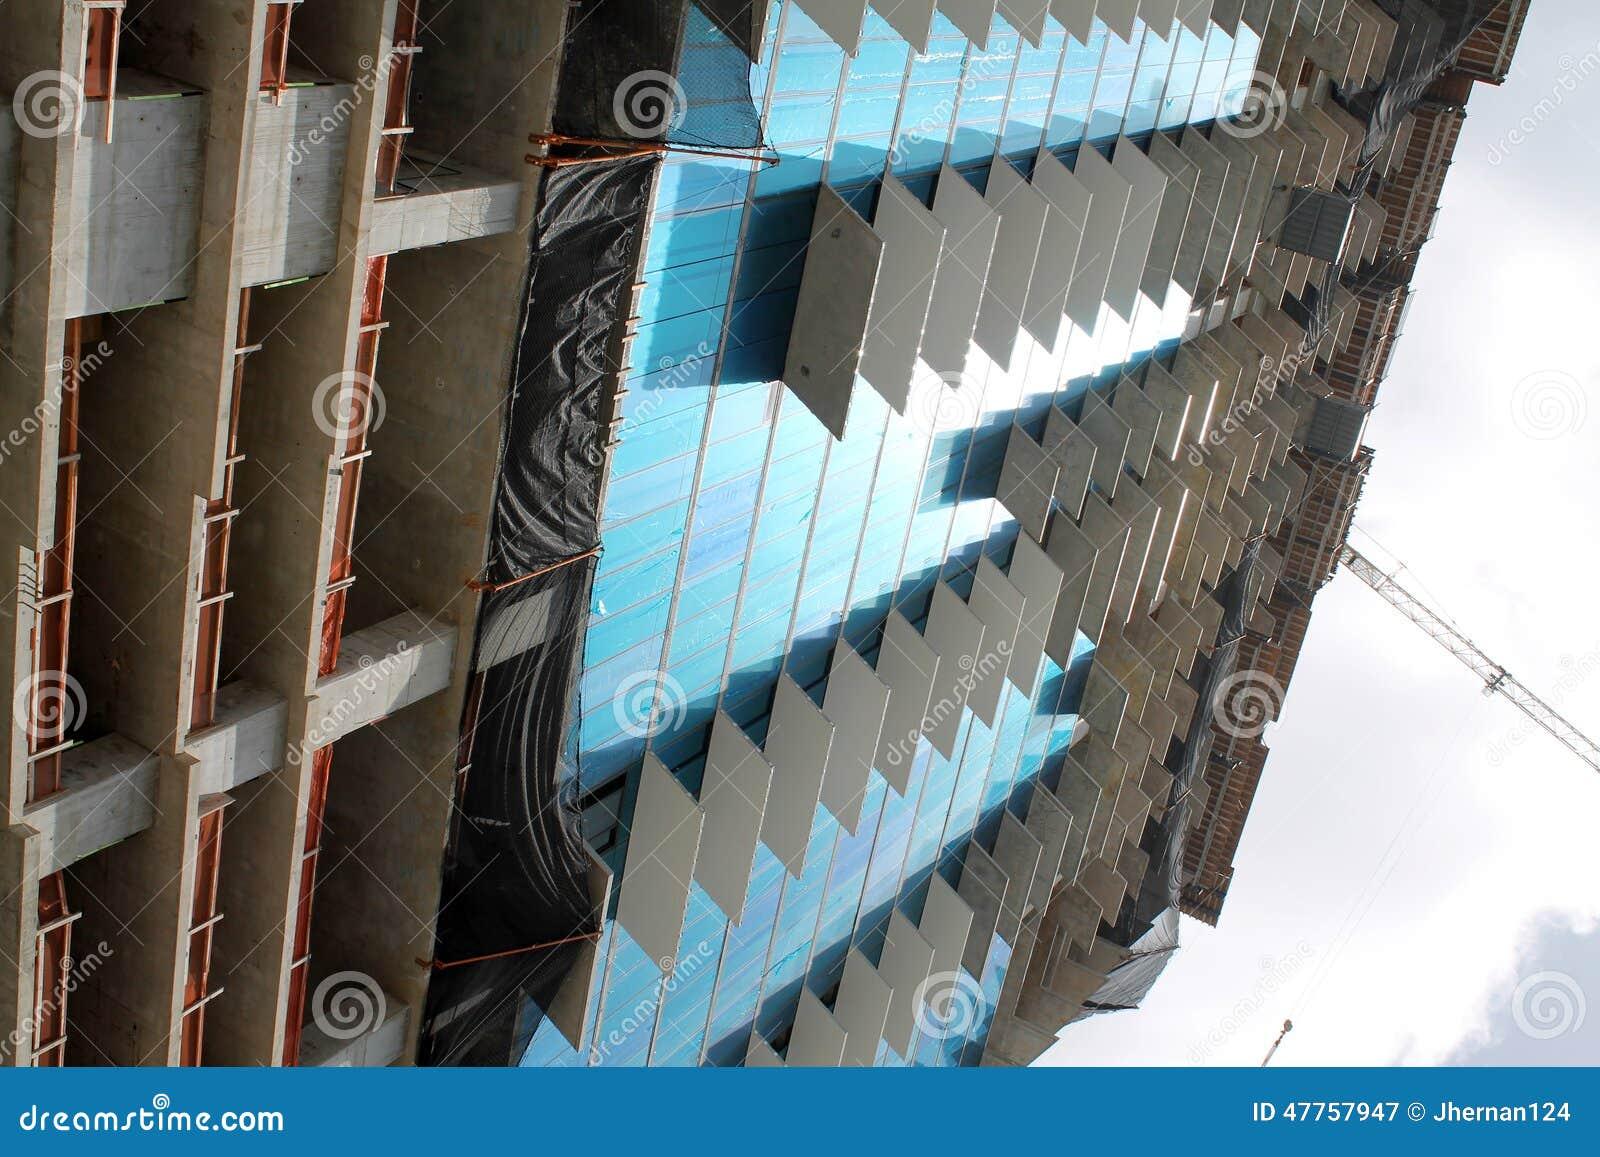 Construção civil em miami